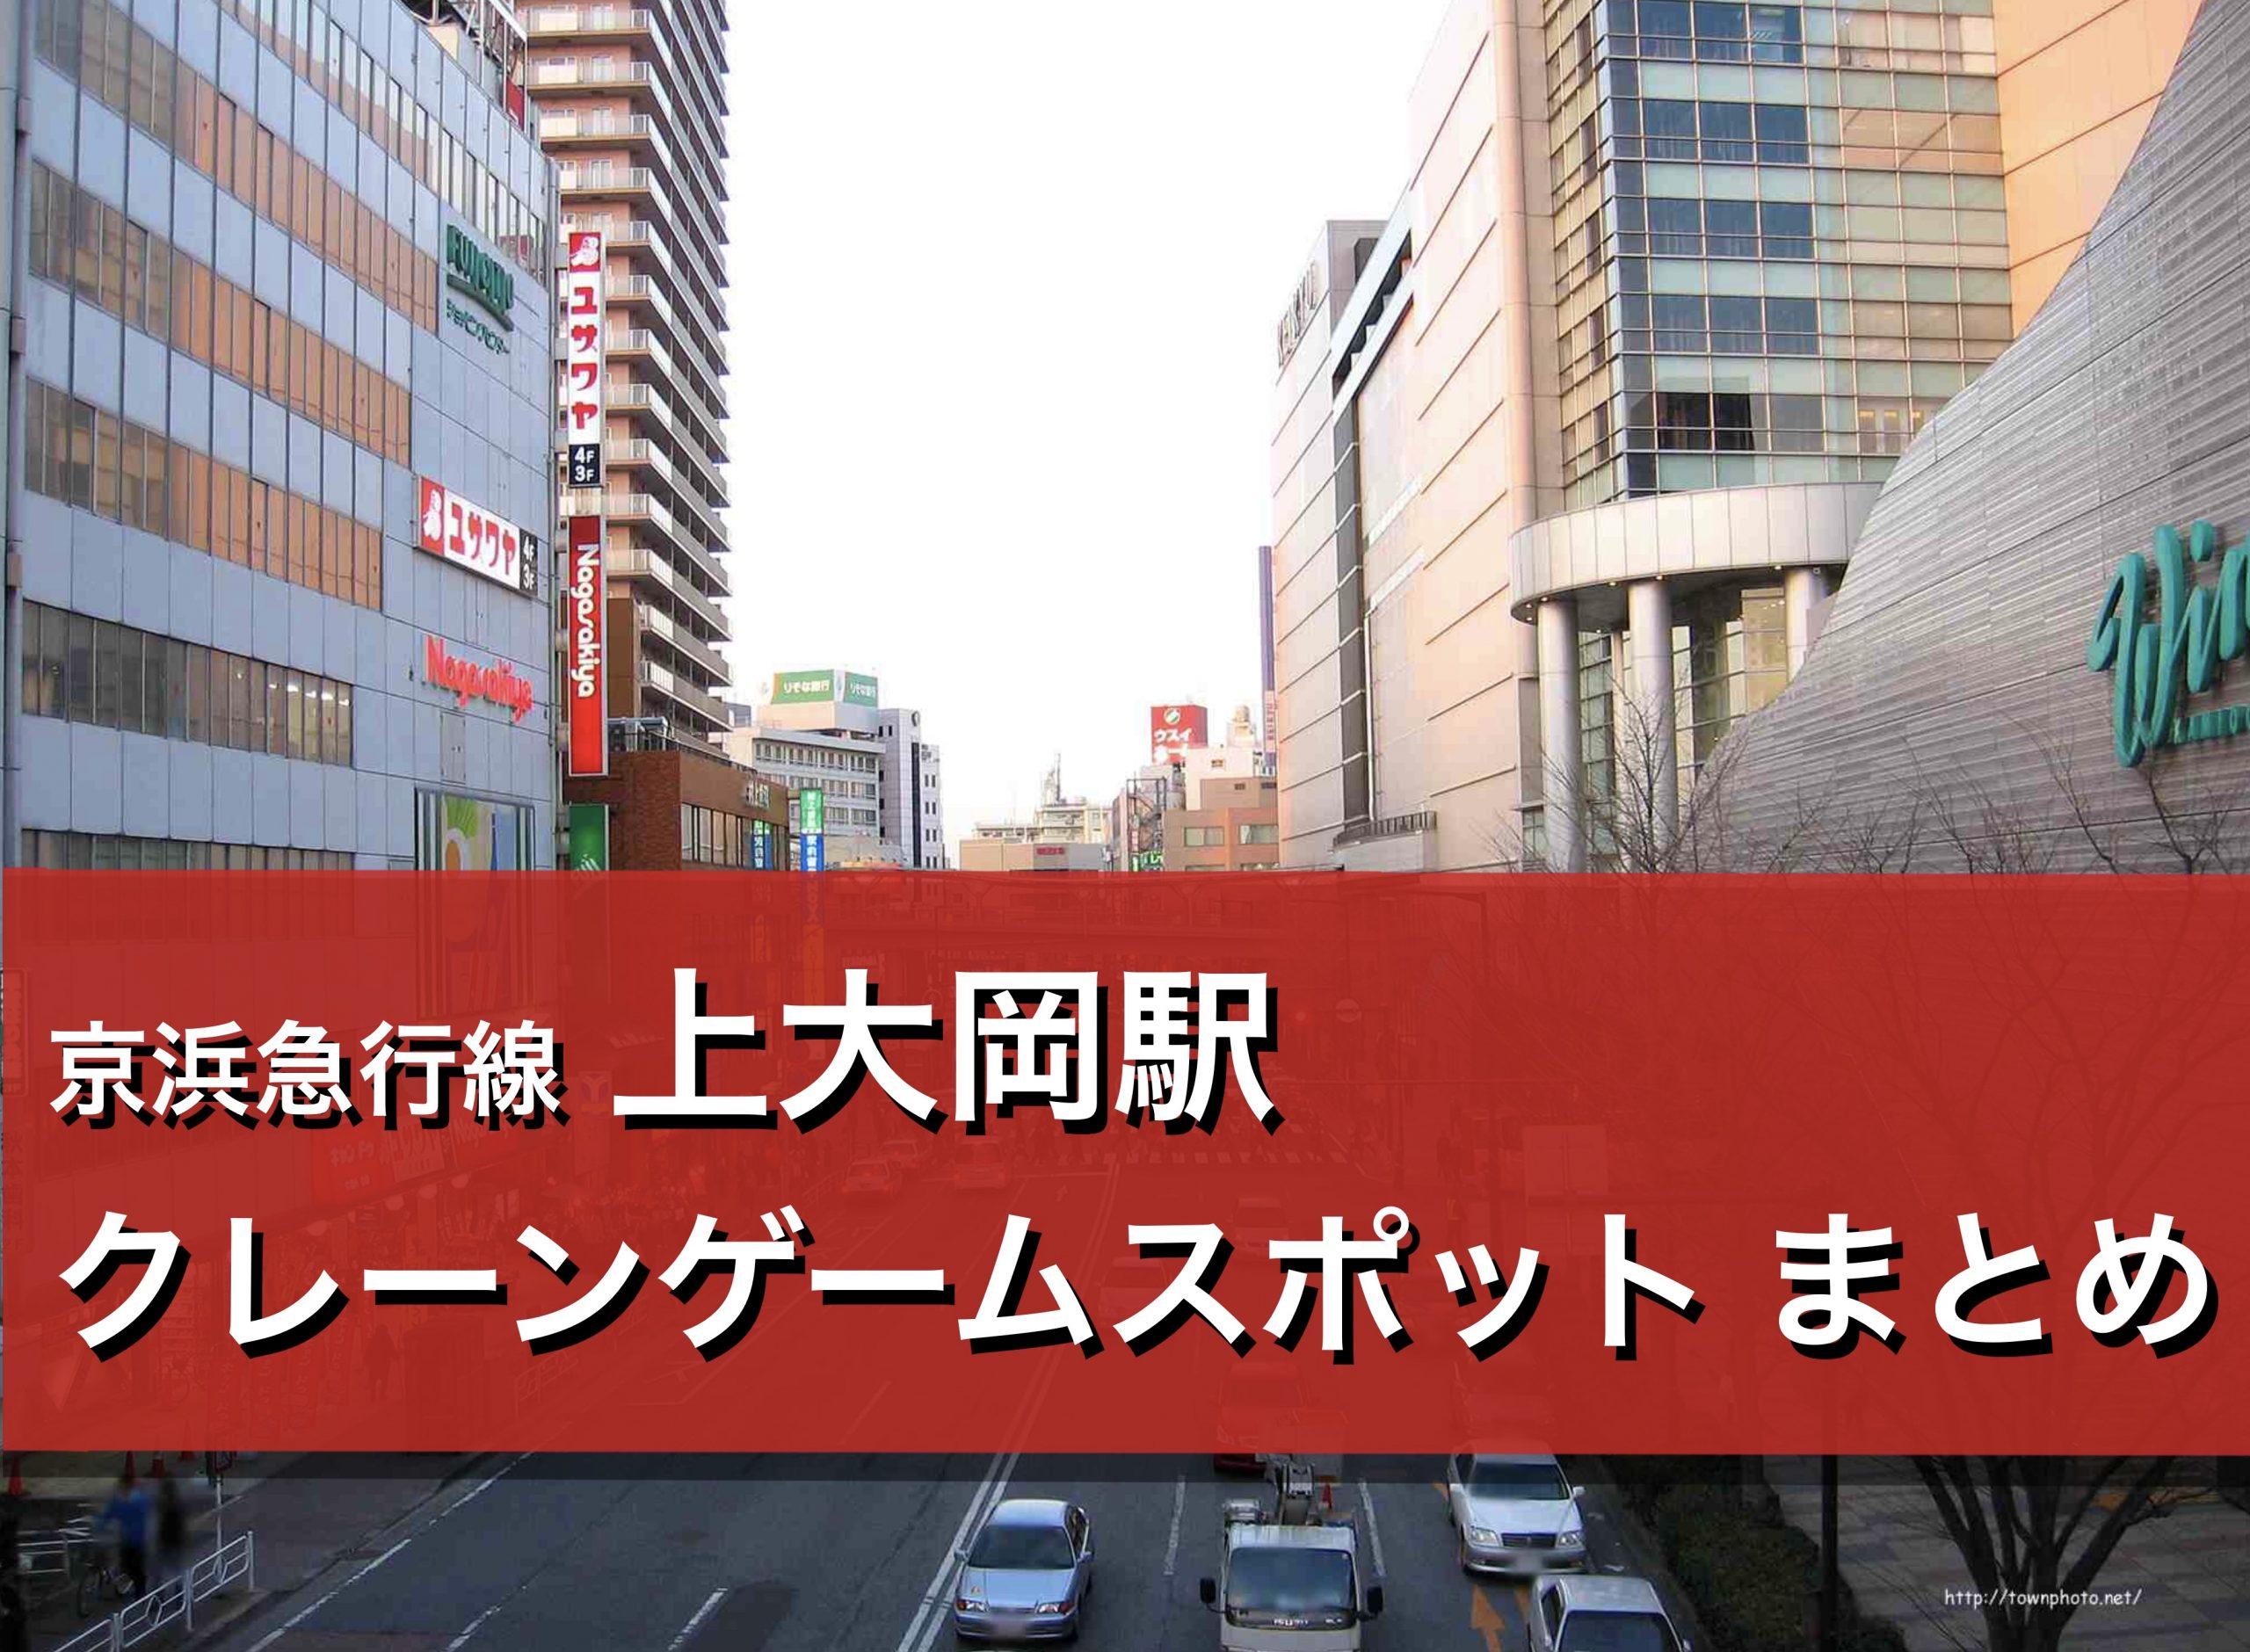 【上大岡駅】クレーンゲームができる場所